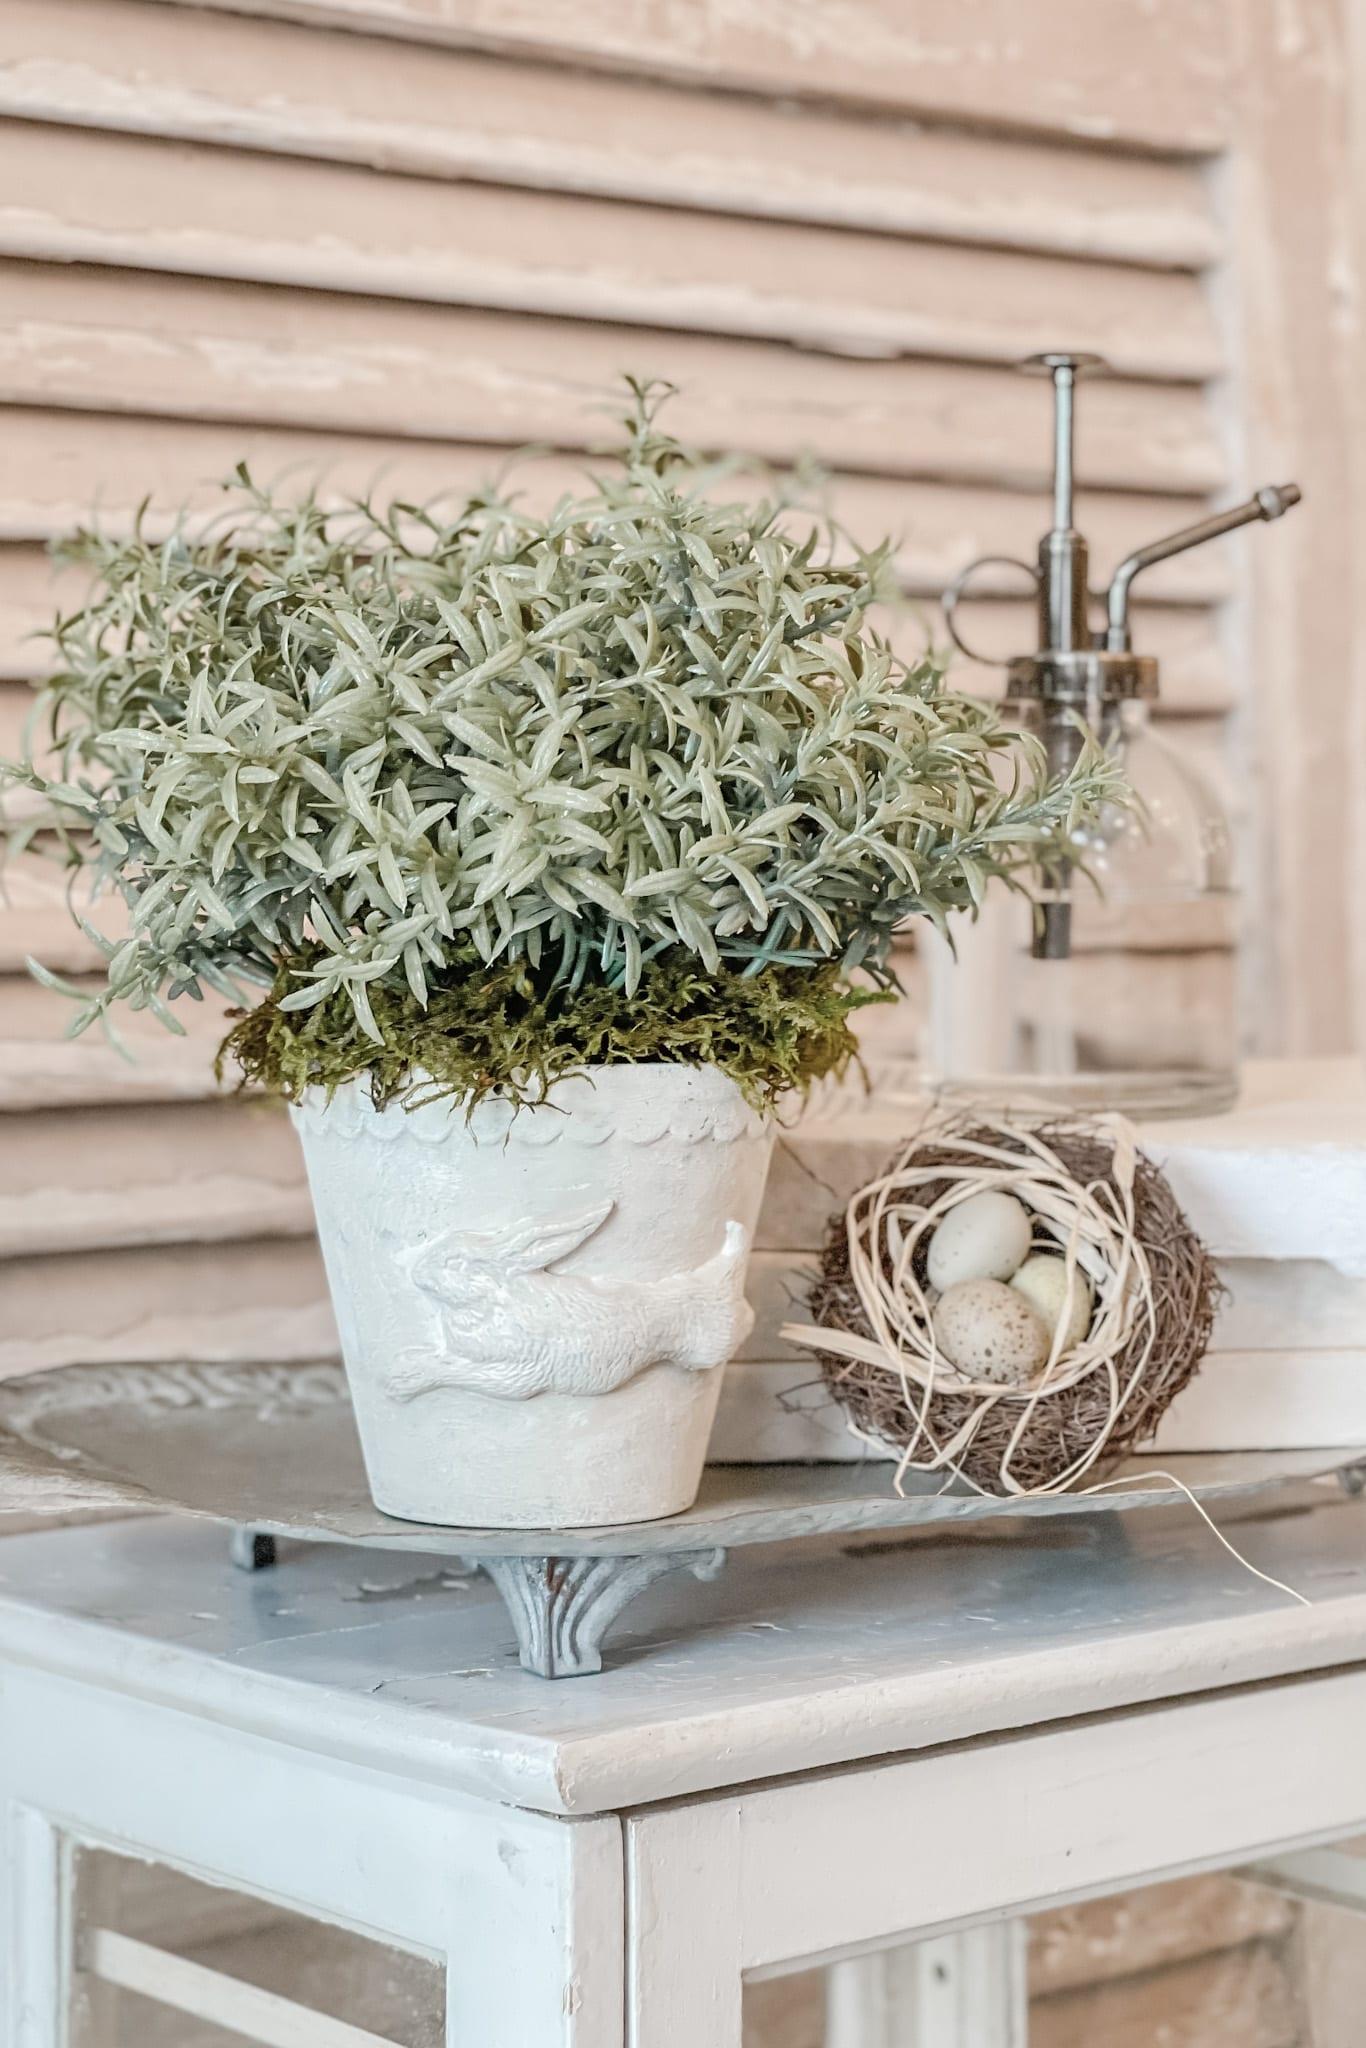 Spring Home Decor DIY, Bunny Decor DIY, DIY Faux Plant Decor from Live Oak Nest www.liveoaknest.com